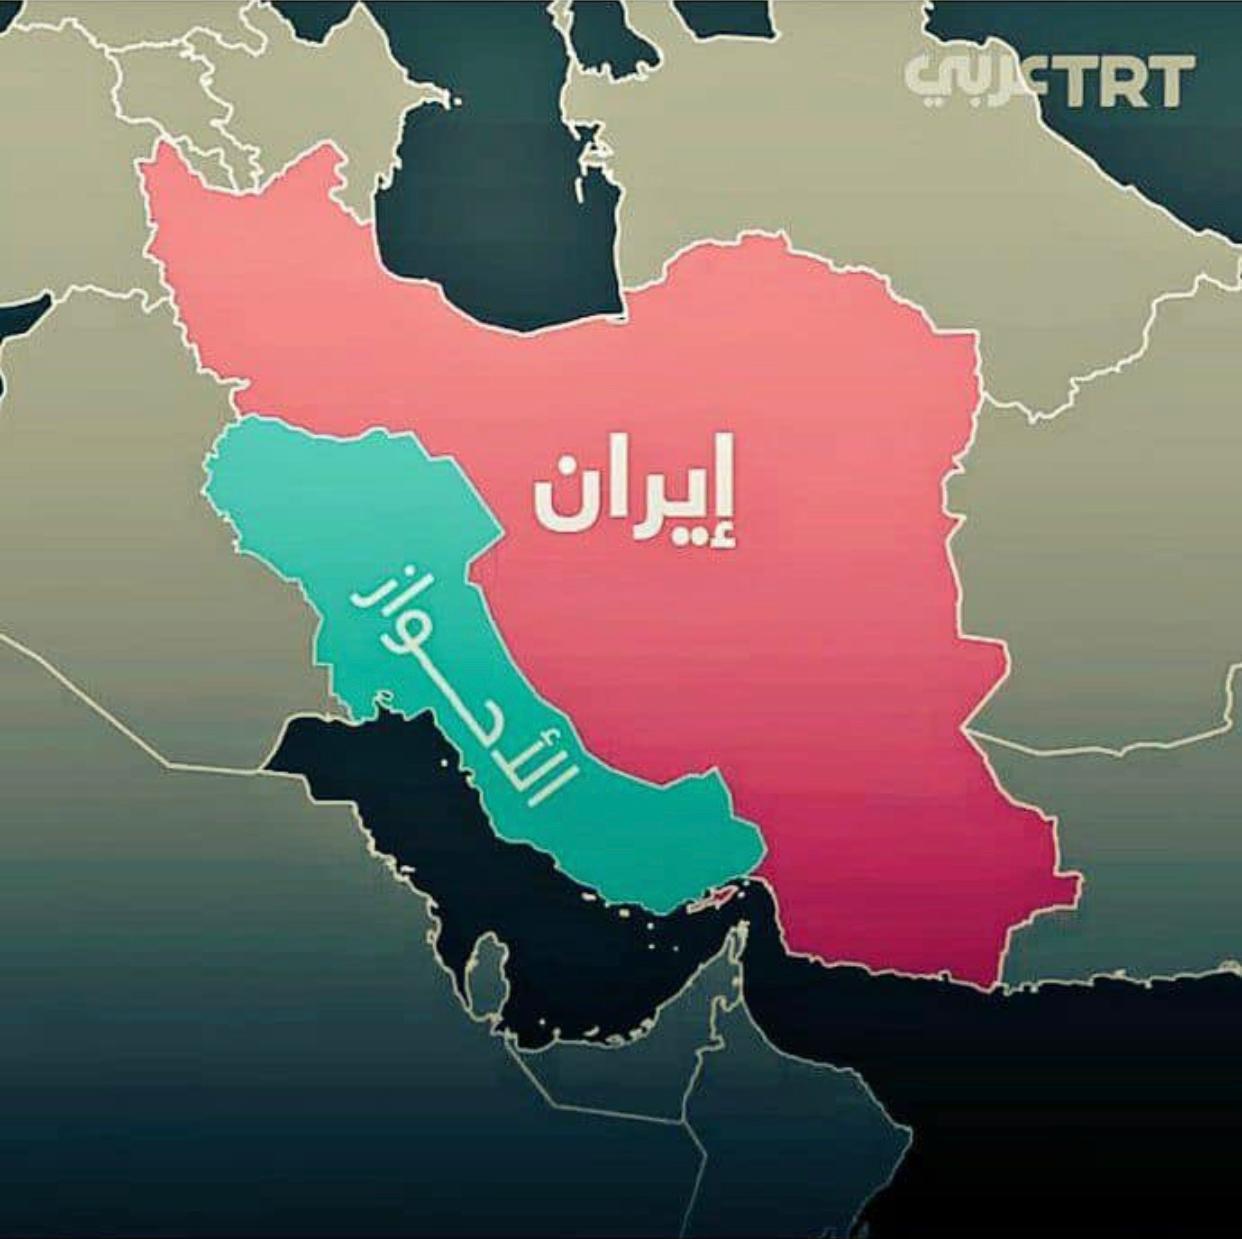 💥 الصراخ الفارسي يتصاعد بعد نشر قناة trt 💥